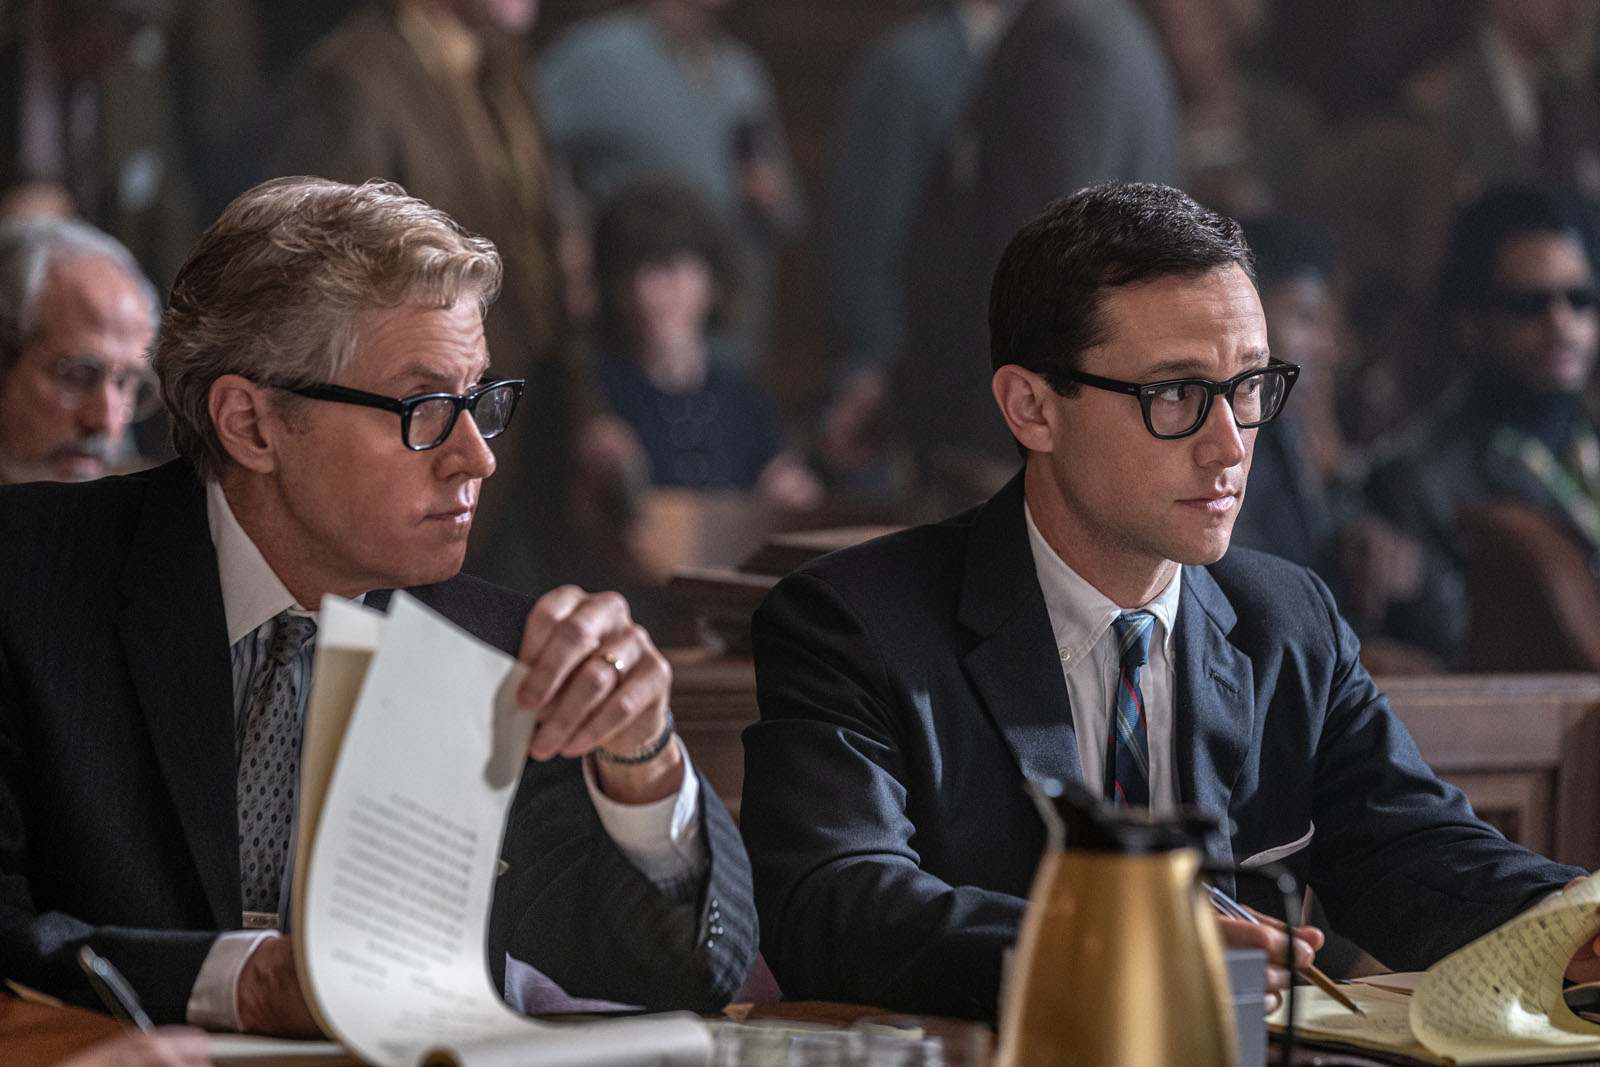 فیلم سینمایی 2020 The Trial of the Chicago 7